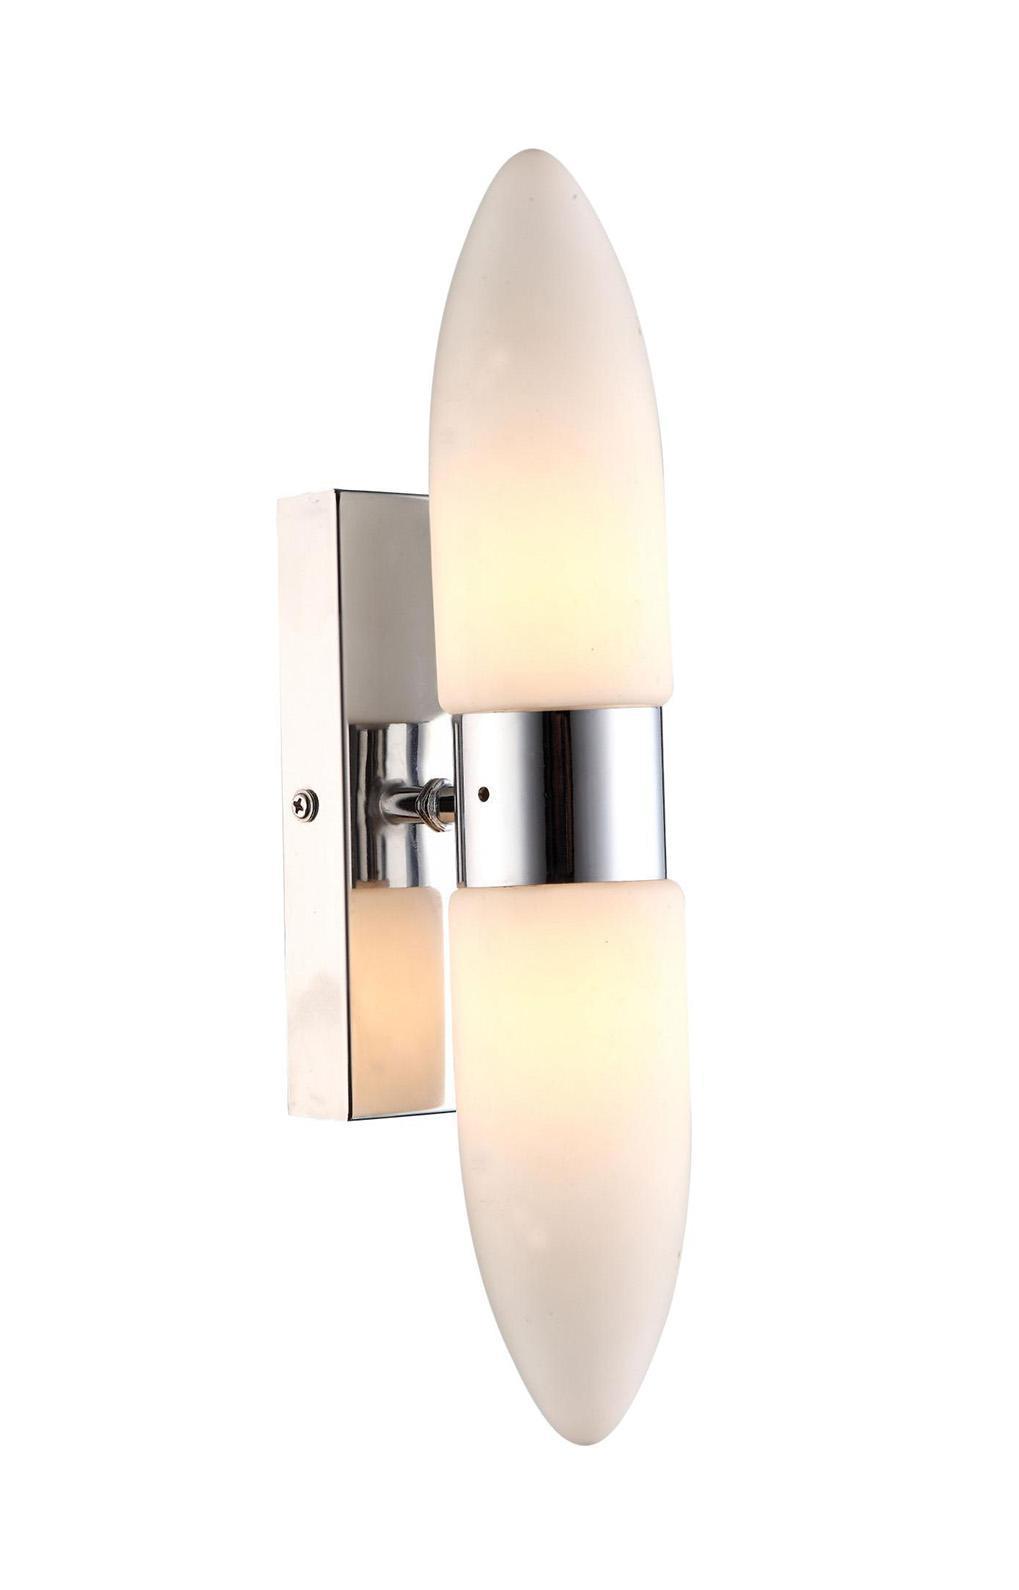 Светильник для ванной комнаты Arte lamp A9502ap-2cc